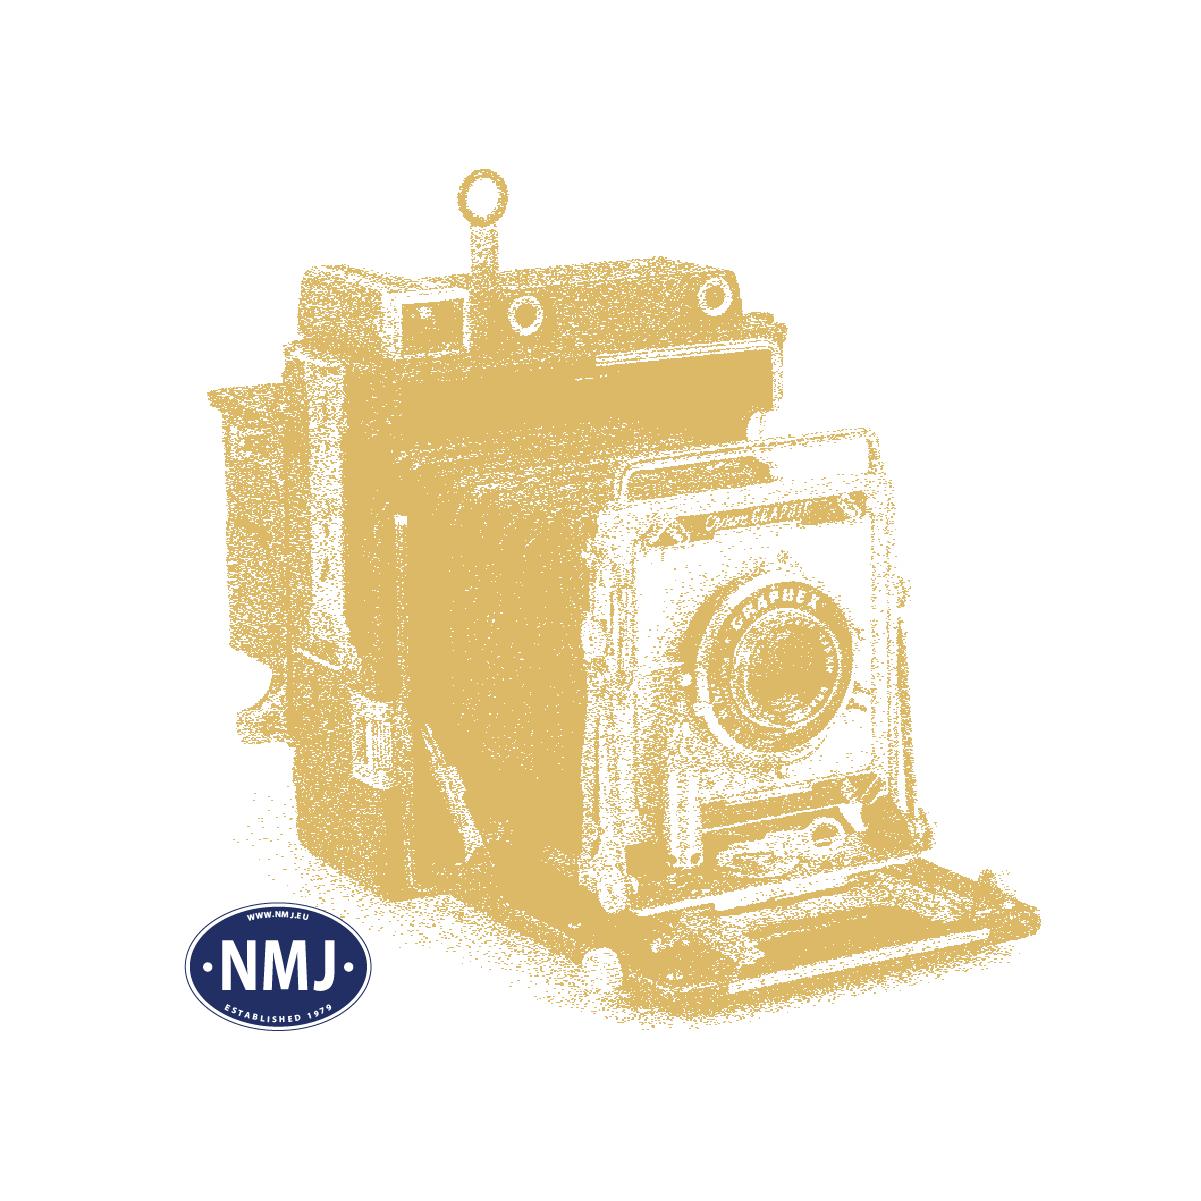 NMJB1112 - Norwegische Werbeplakate, Teil 3